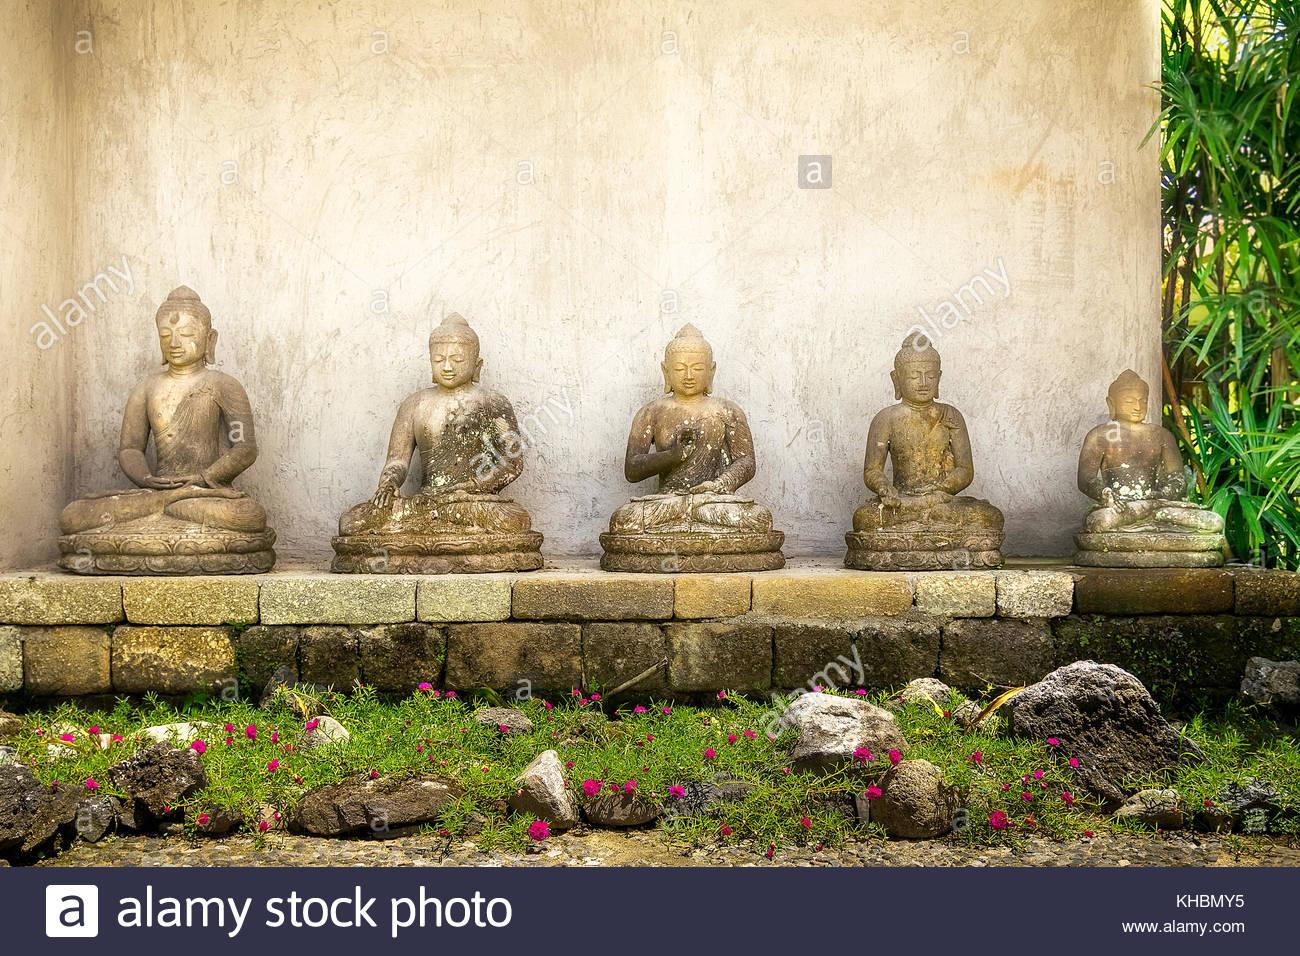 Buddha Figuren aus Stein im Garten in Bali, Indonesien Stockfoto ...